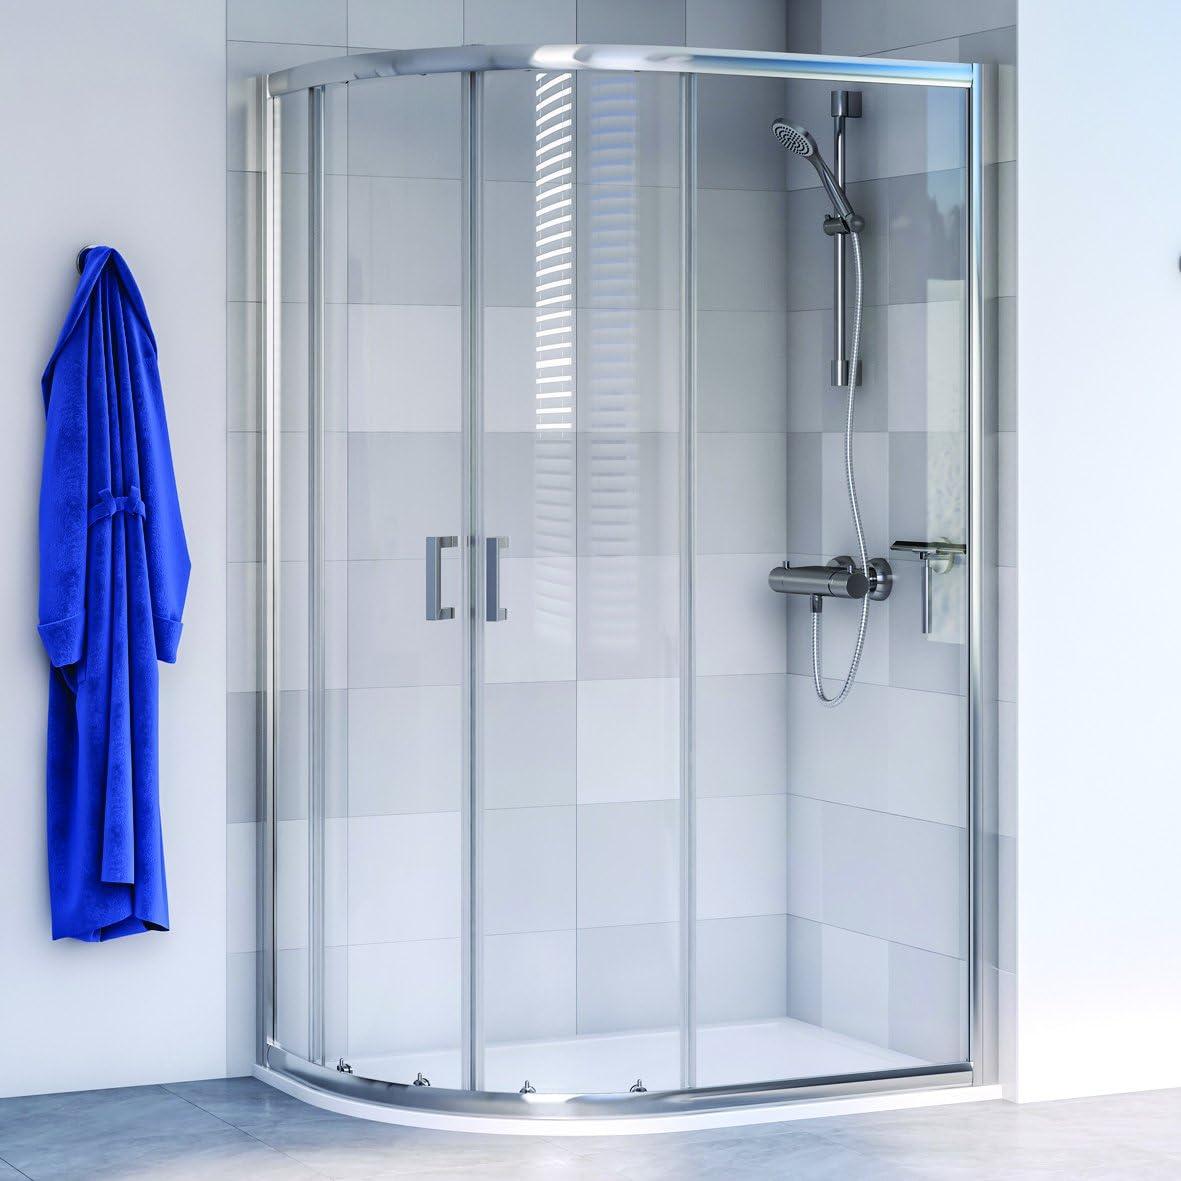 Aqualux 1193801 inclinado cuadrante ducha almacenaje, pulido Plata ...